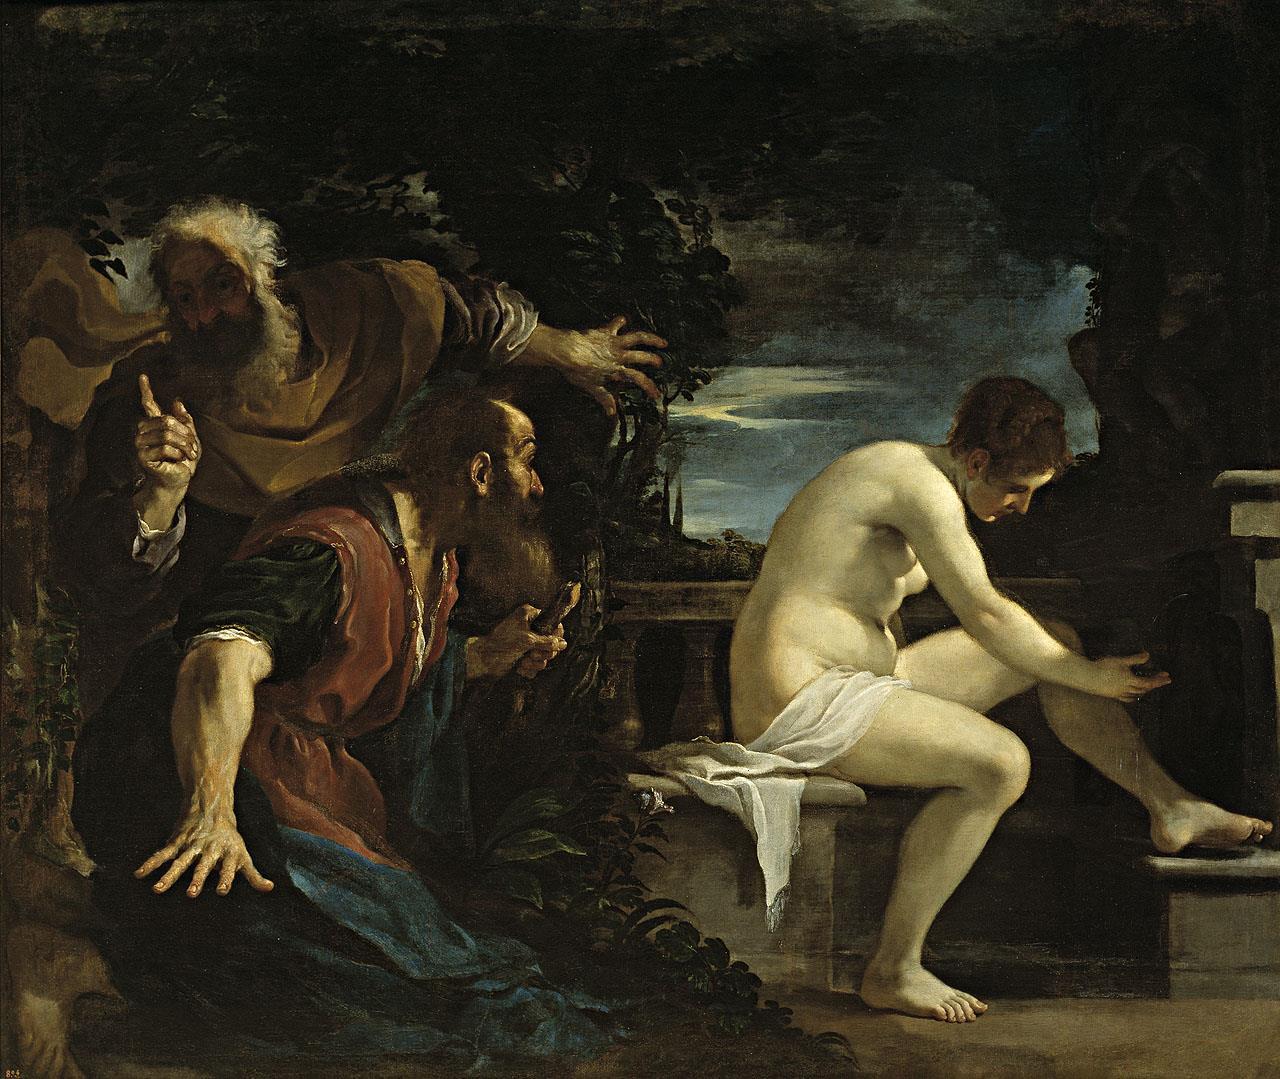 Susana y los viejos [Guercino]